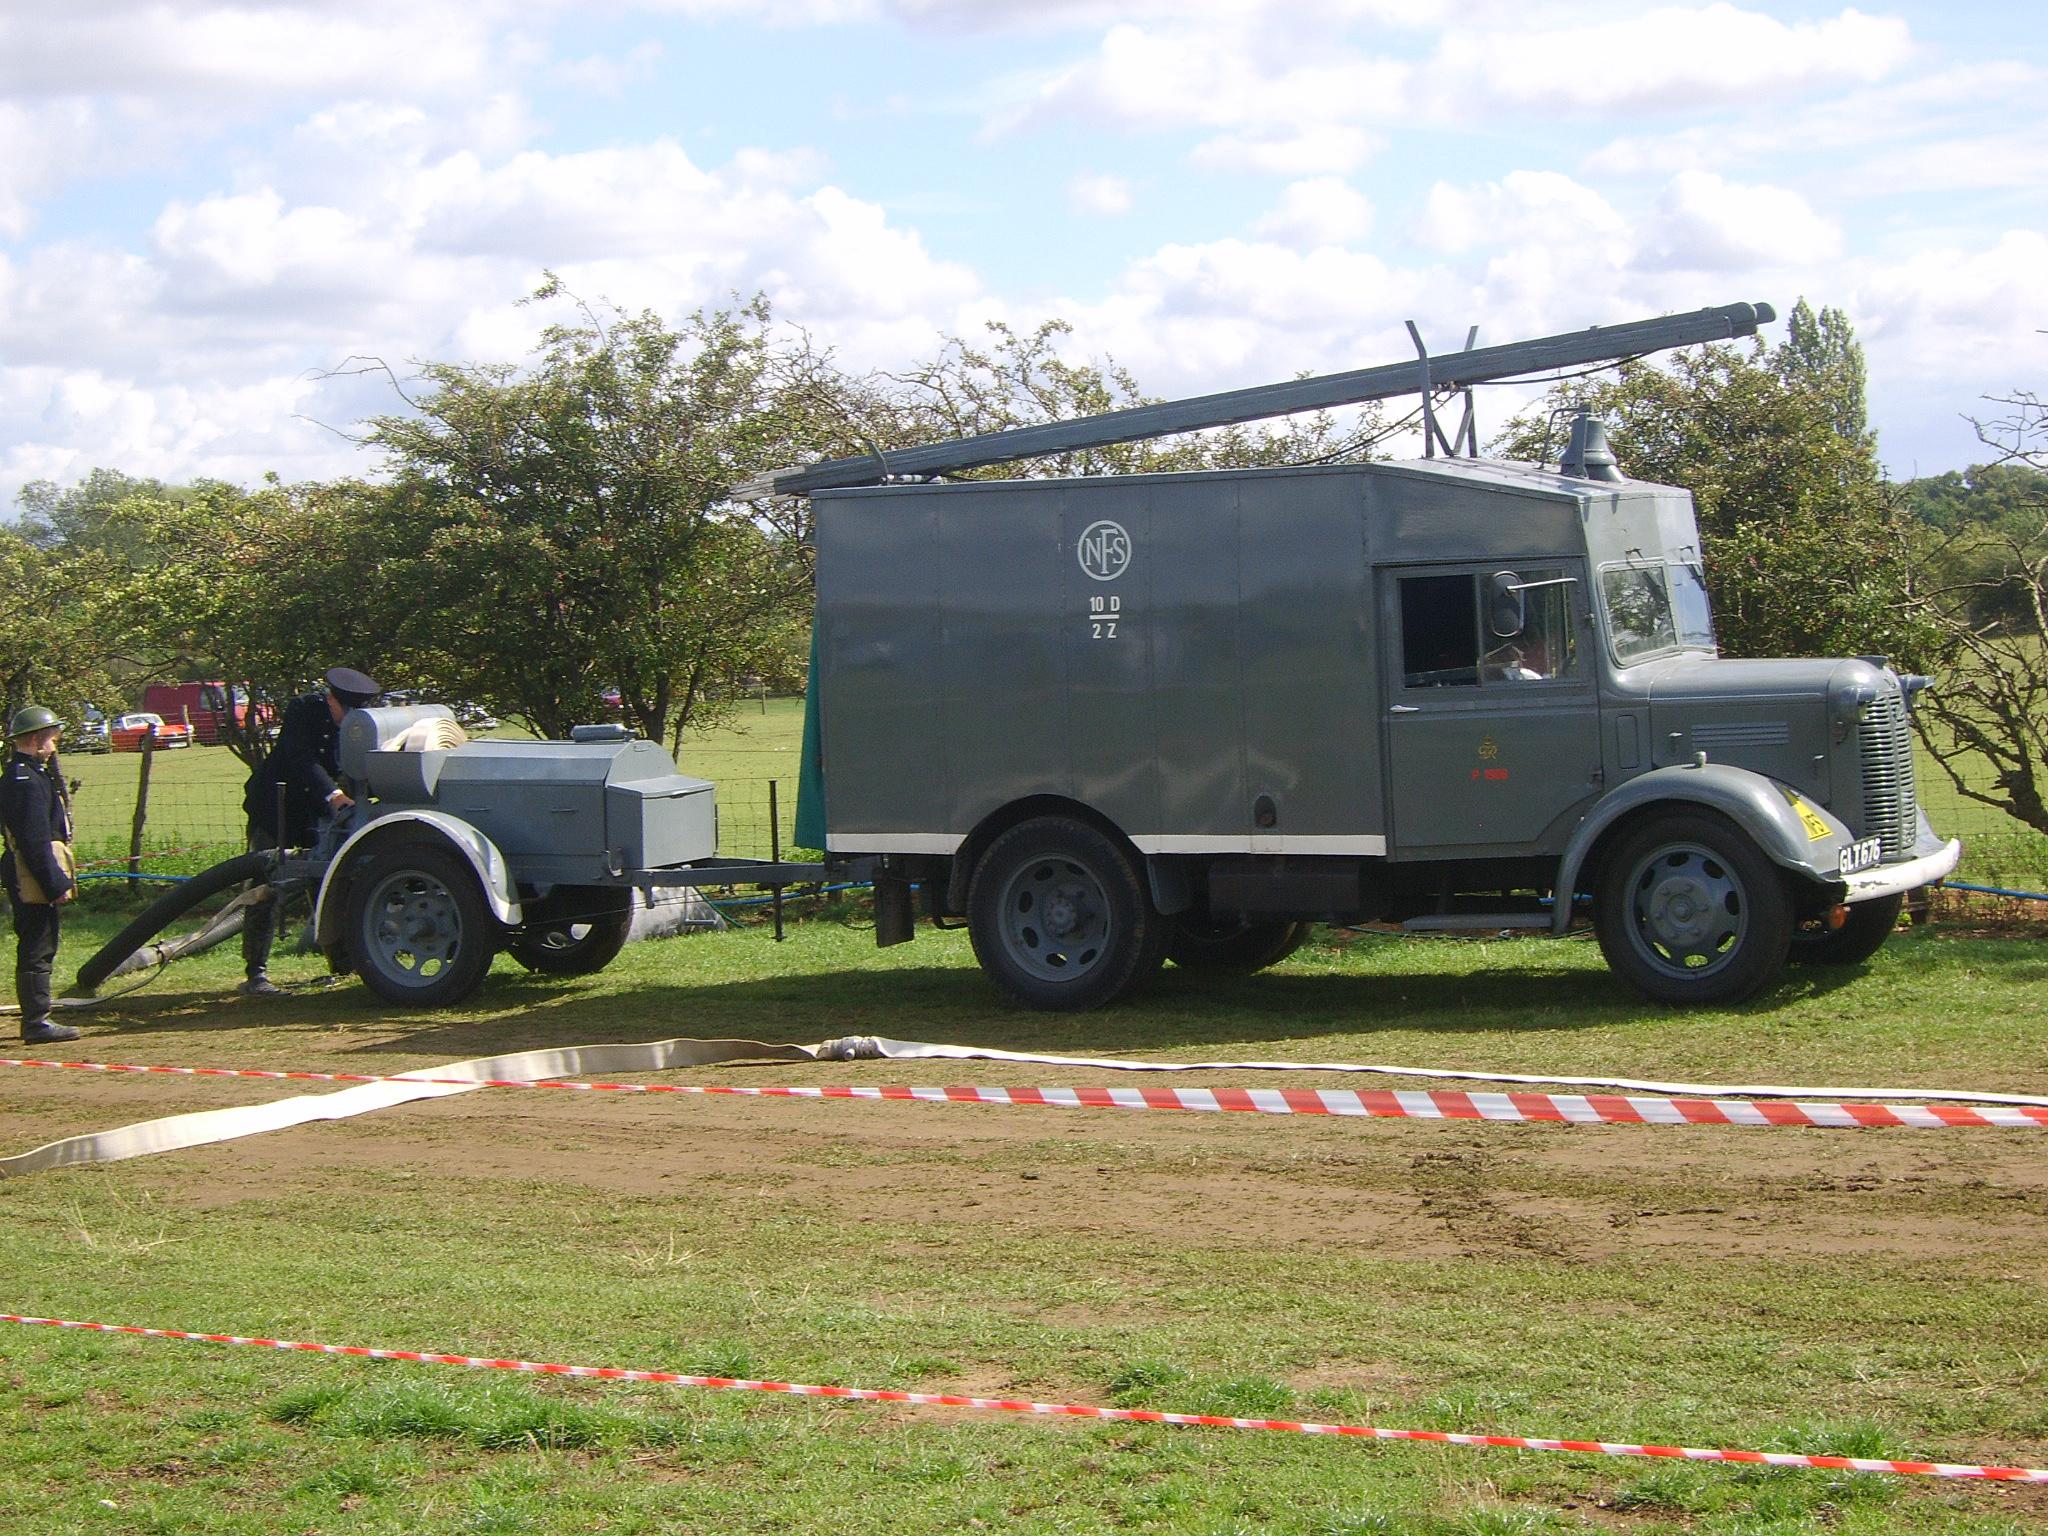 Rauceby War Weekend